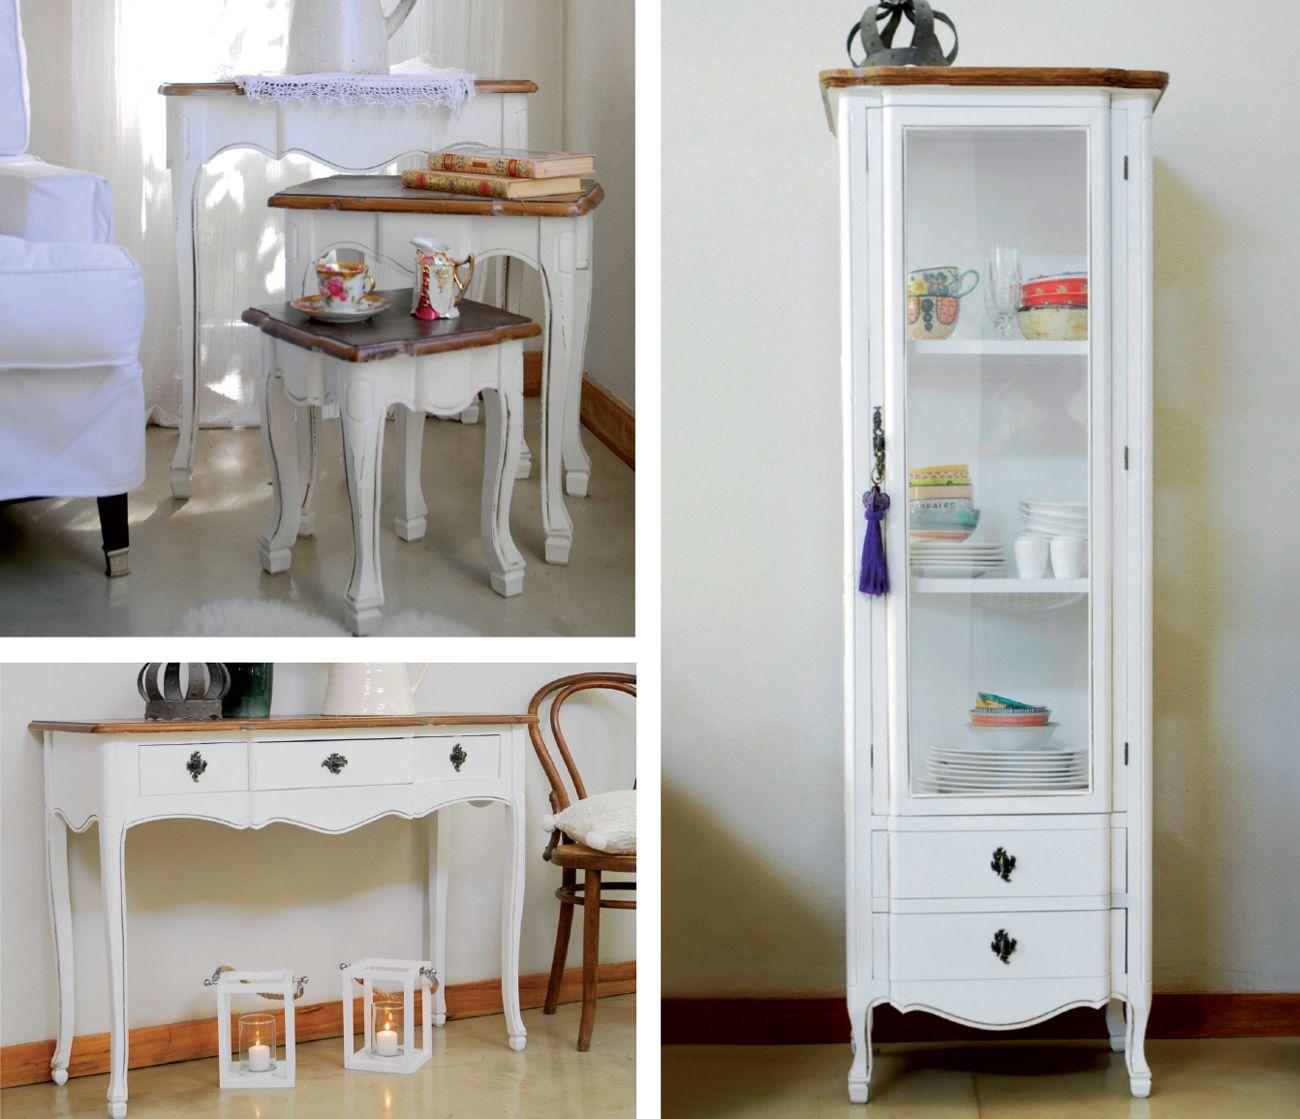 coleccin decoracin bazar coto tendencias inspiracin muebles